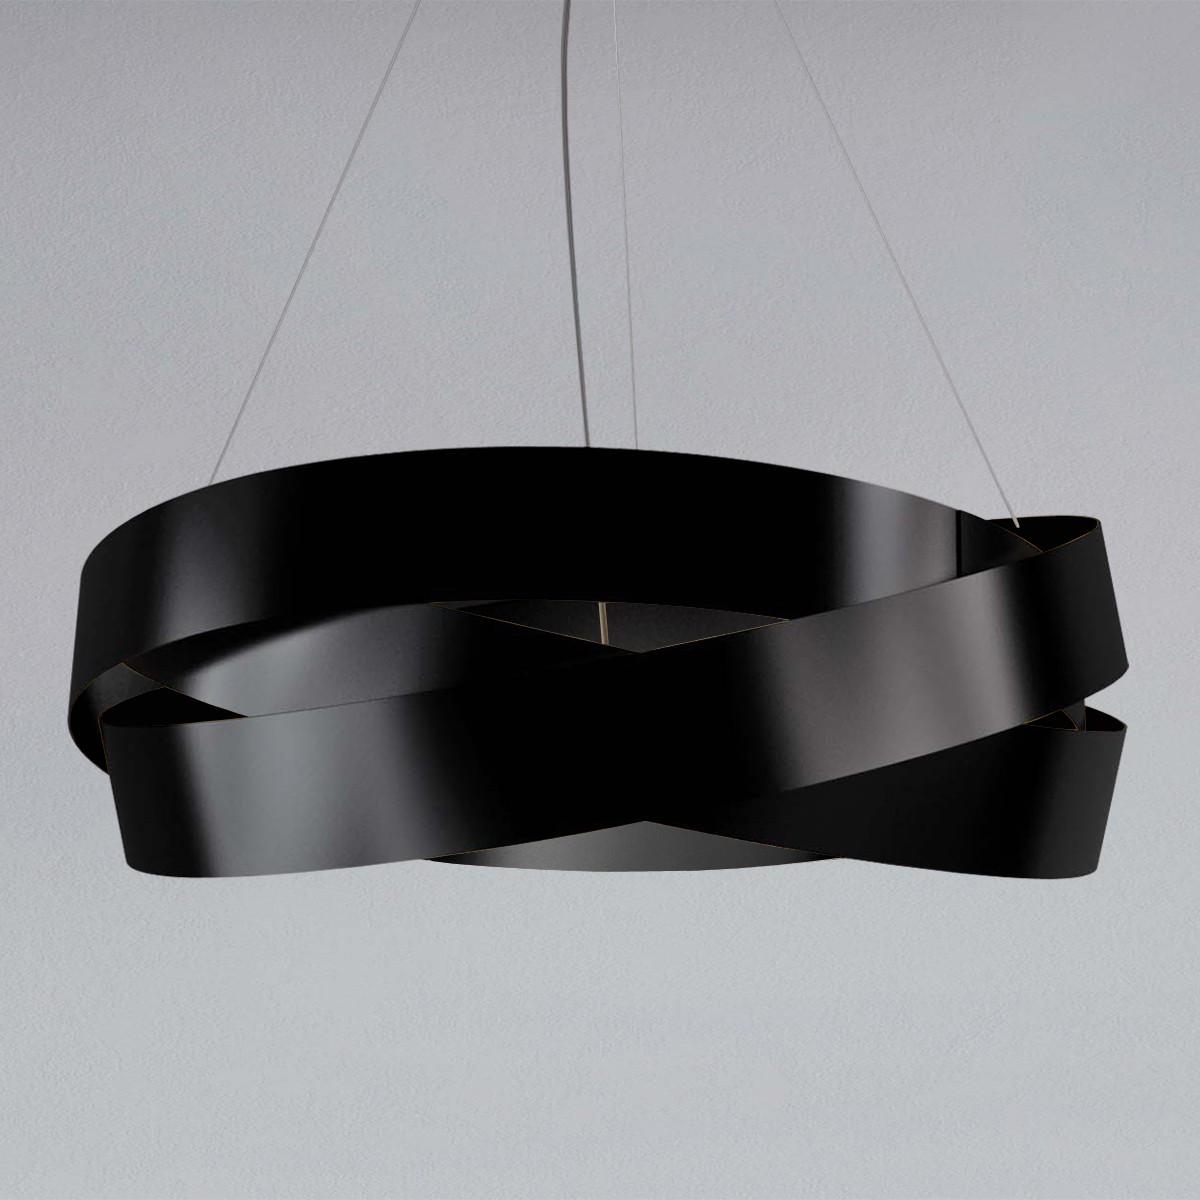 MARCHETTI Pura S100 LED Pendelleuchte, schwarz